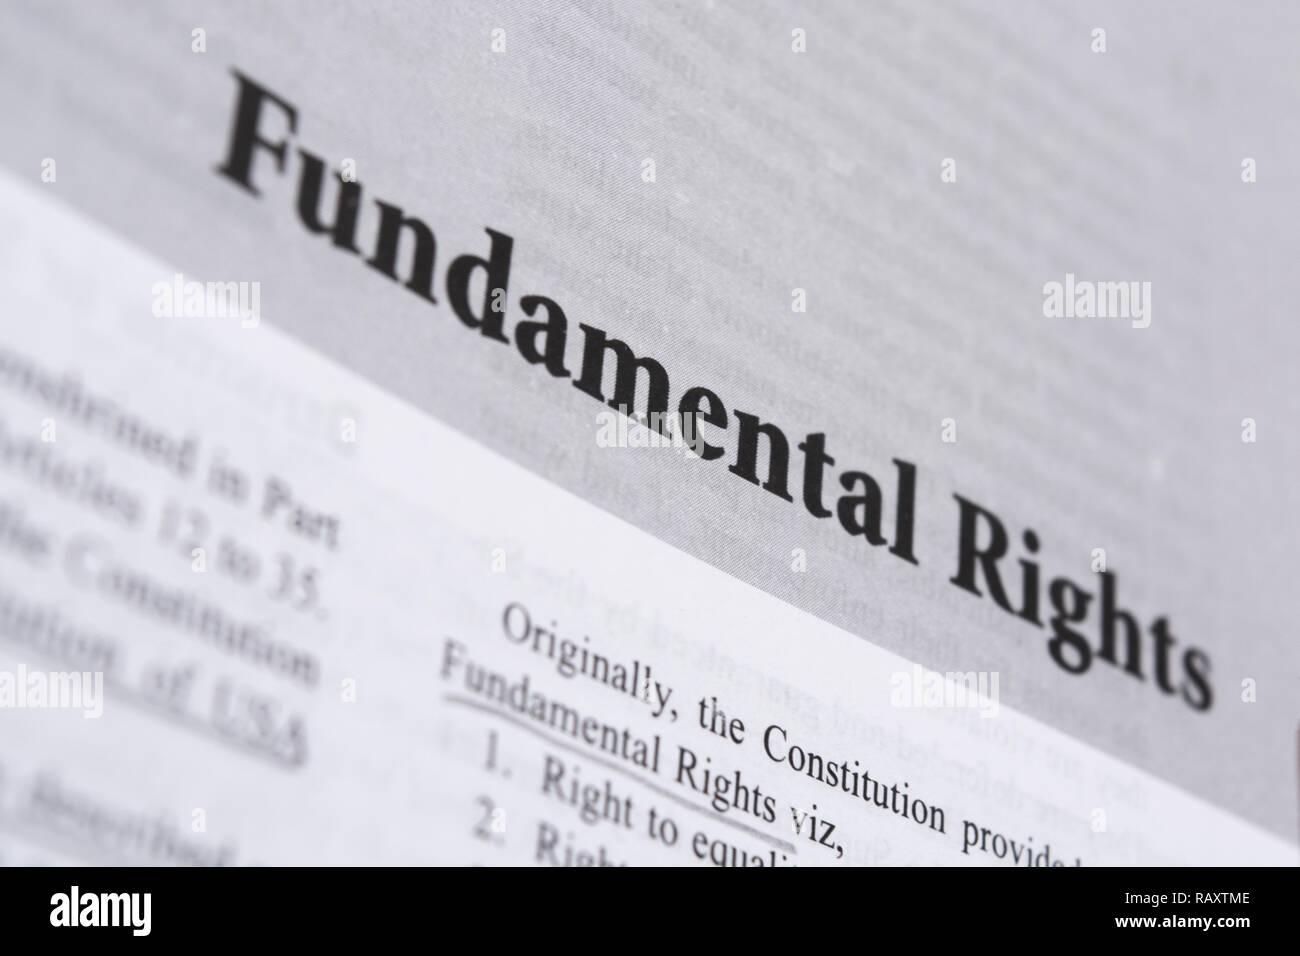 Maski,Karnataka, India - Enero 4,2019 : Derechos fundamentales en un libro impreso con letras grandes. Foto de stock